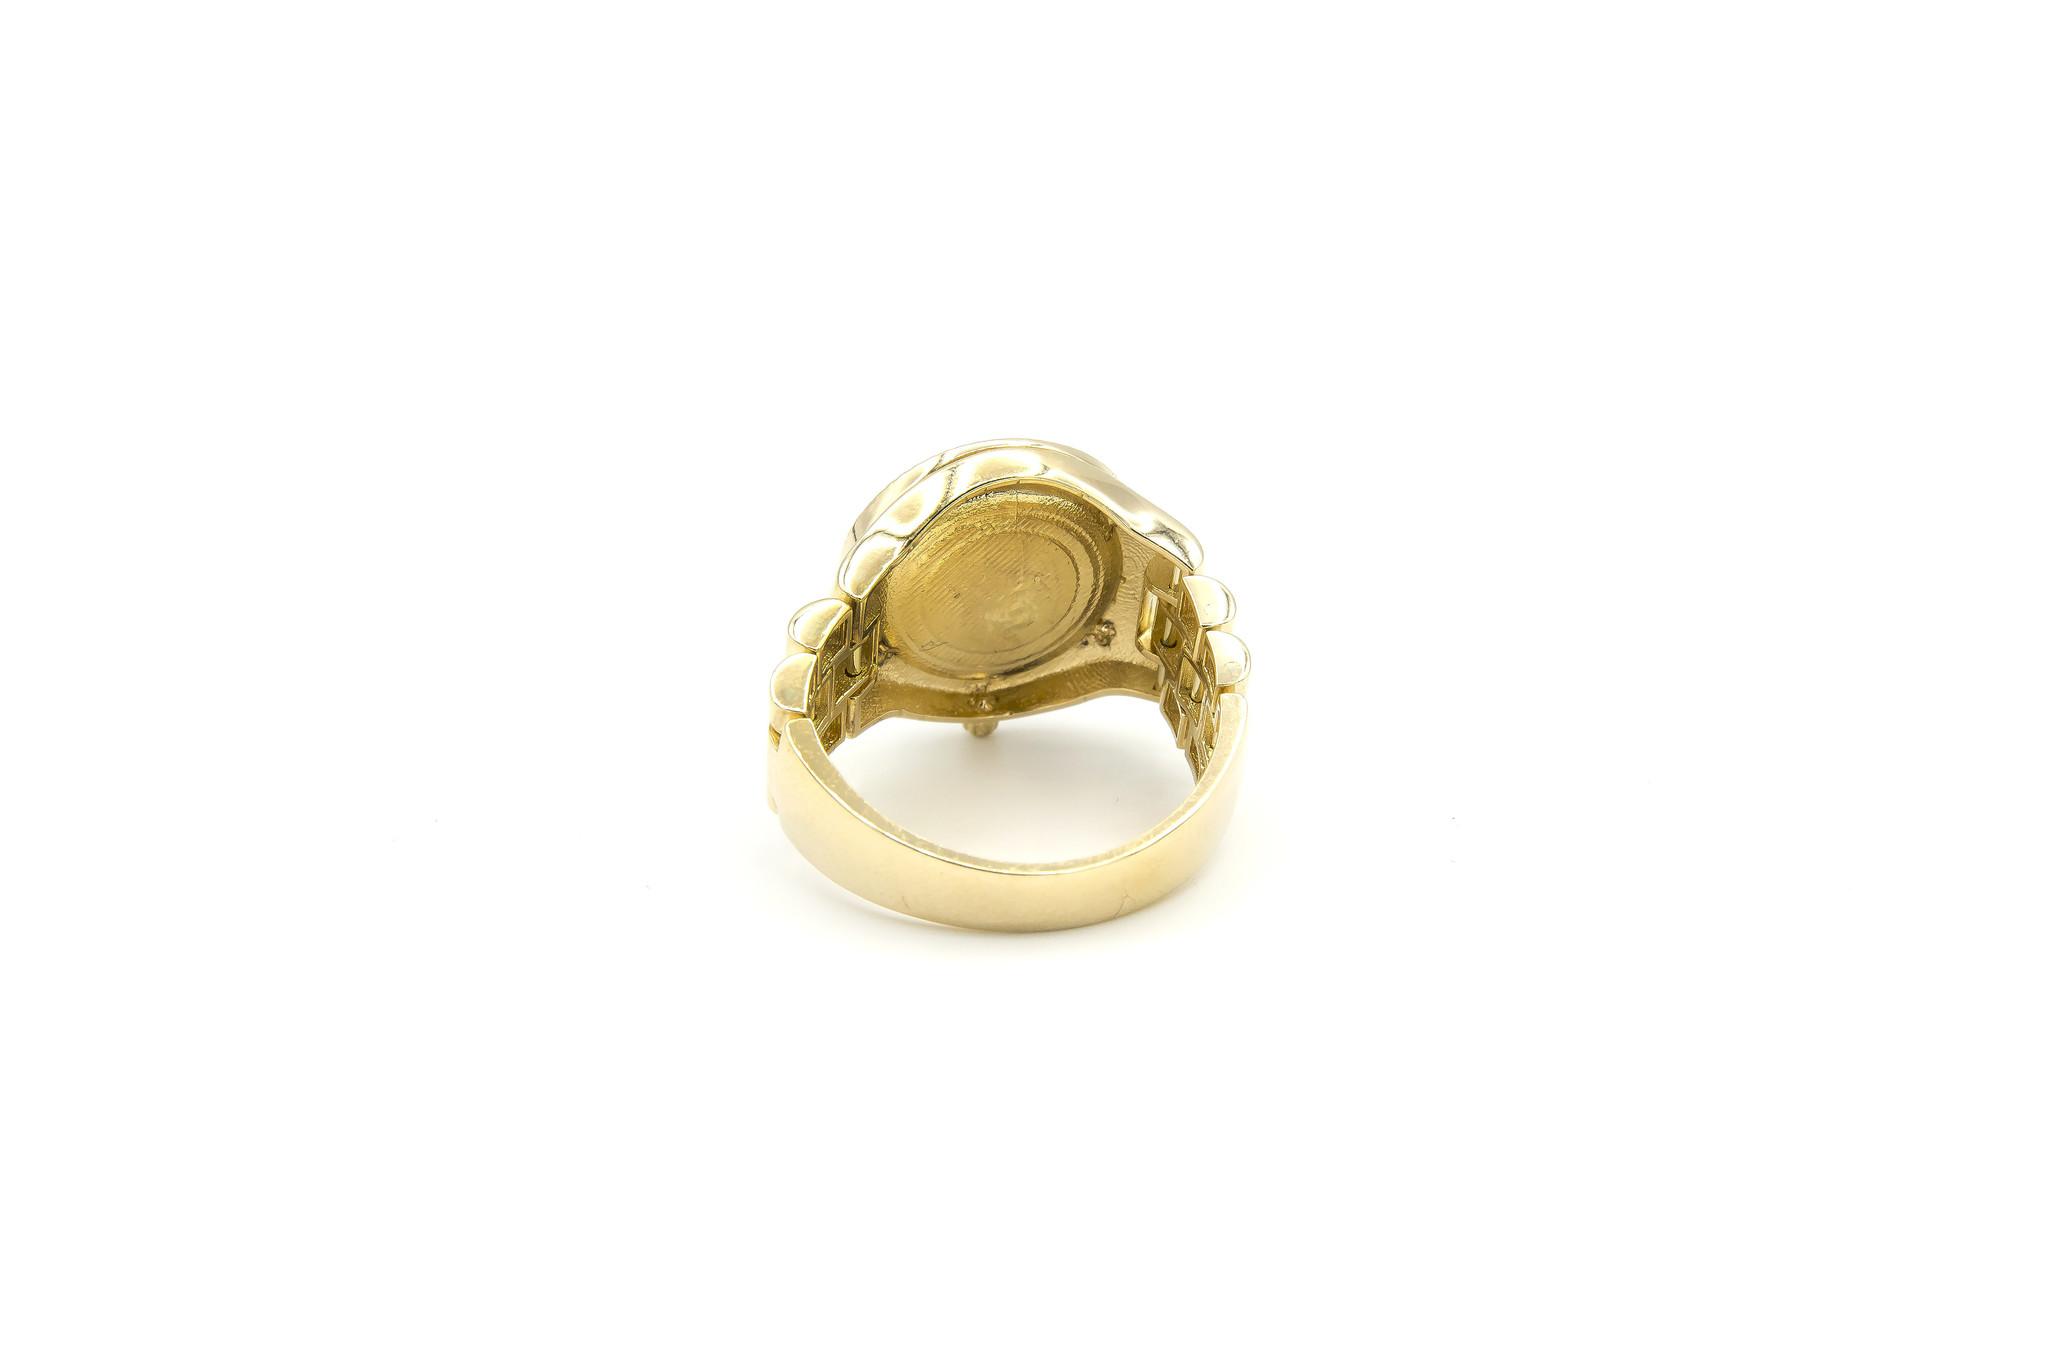 Ring horloge met kroon op zwarte achtergrond met flexibele zijkanten-5